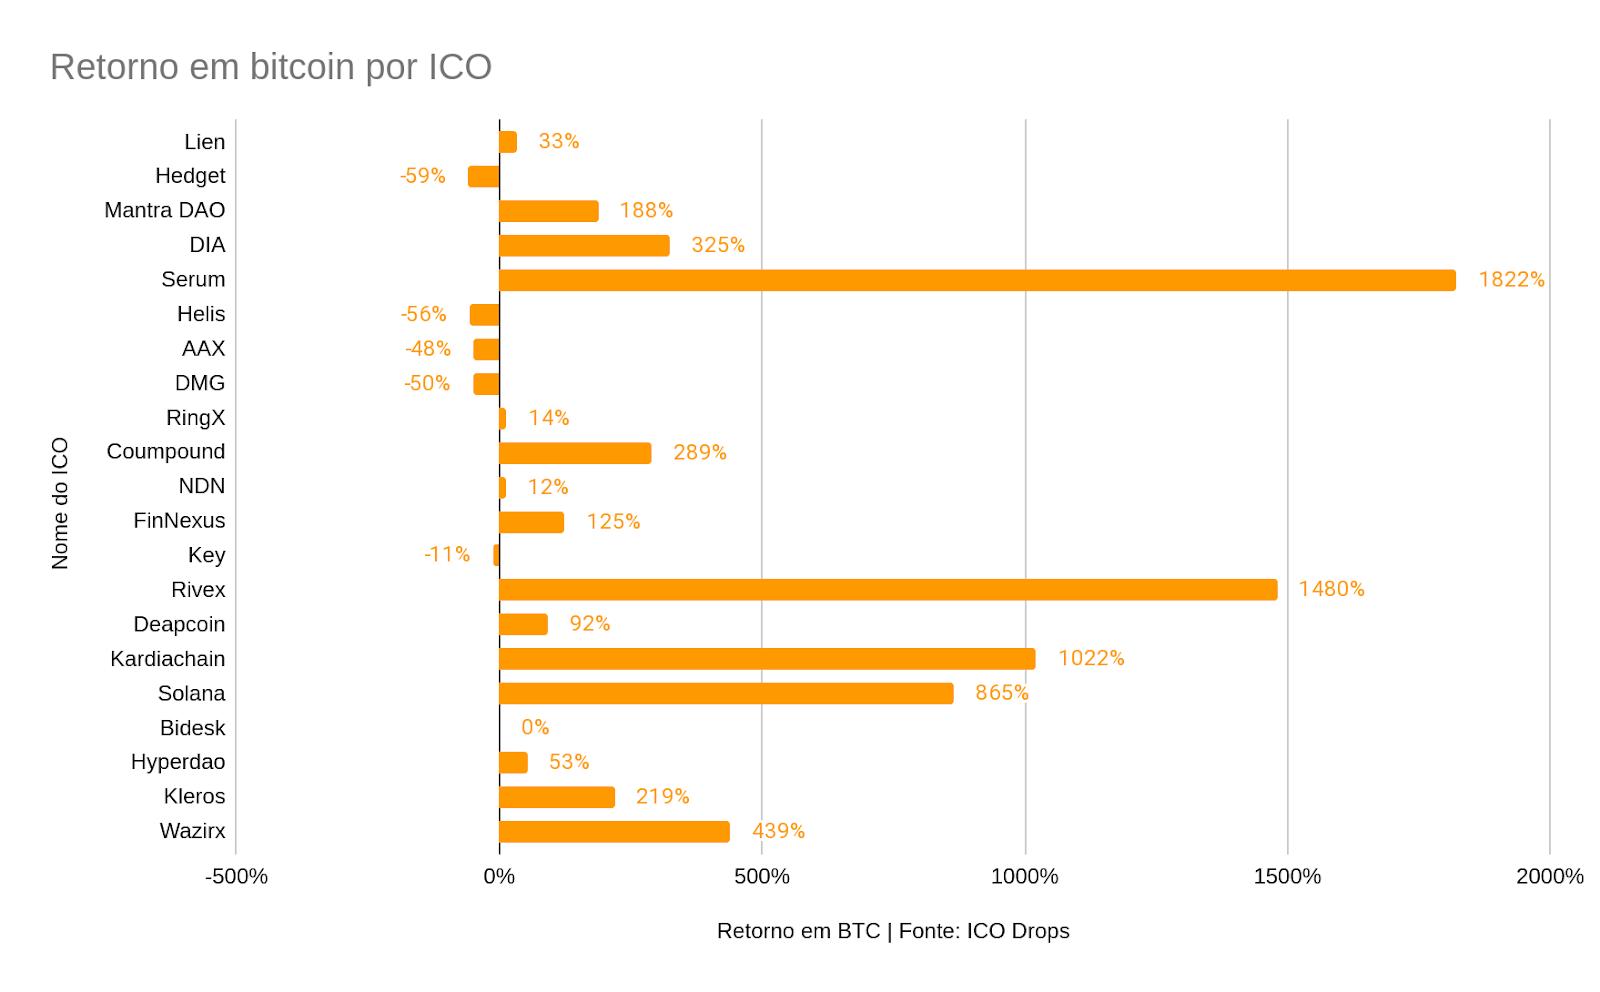 Retorno em Bitcoin por ICO